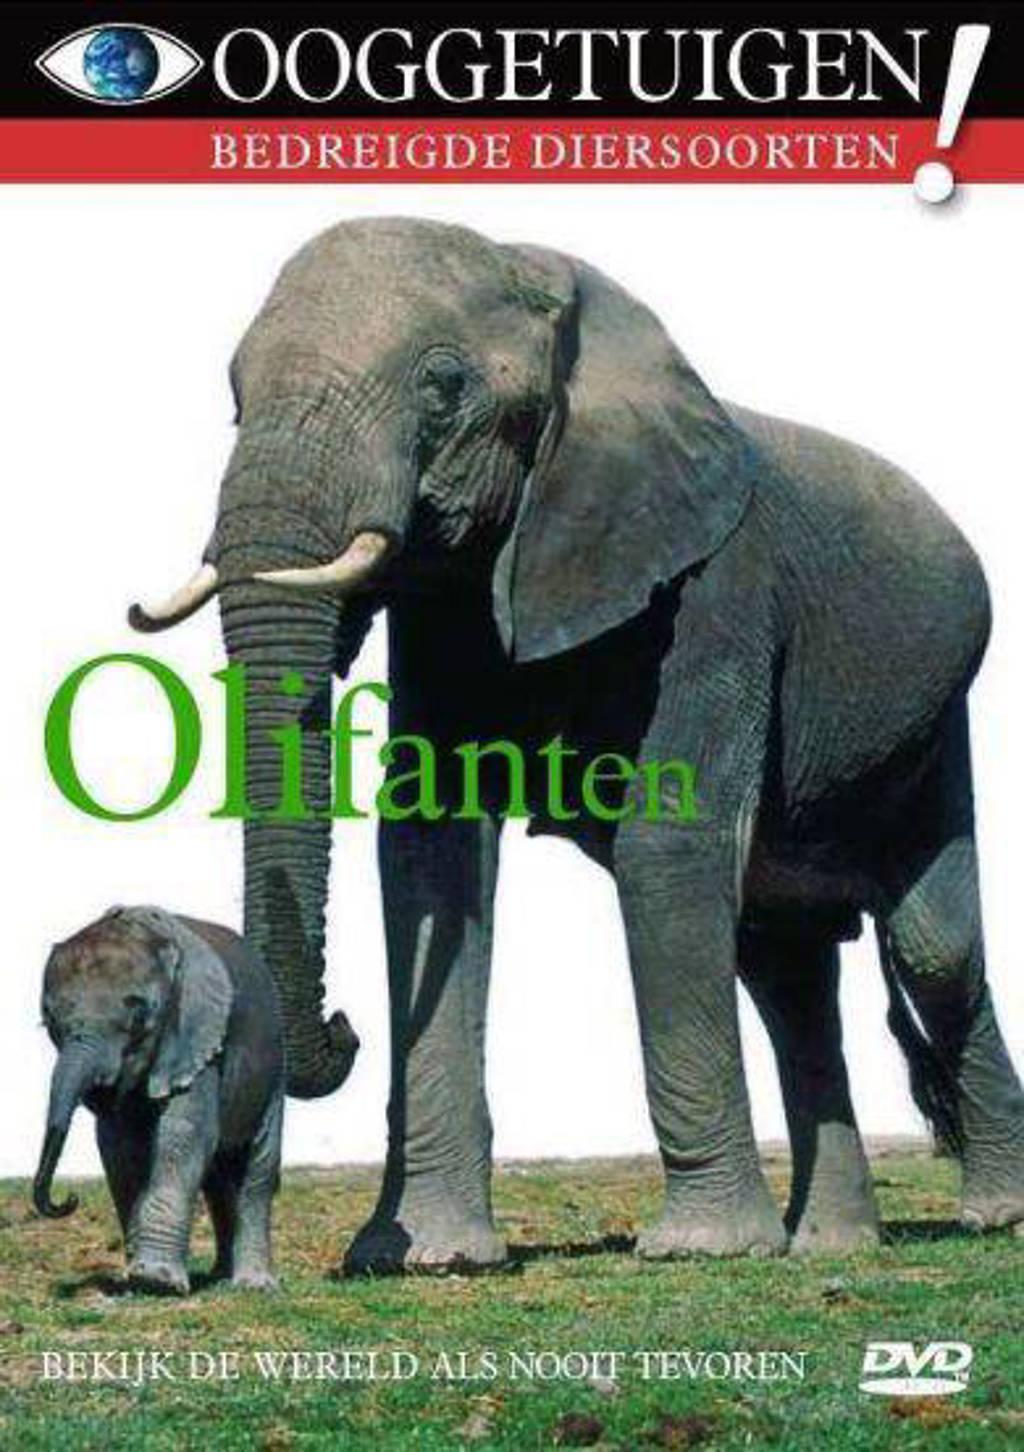 Ooggetuigen - olifanten (DVD)